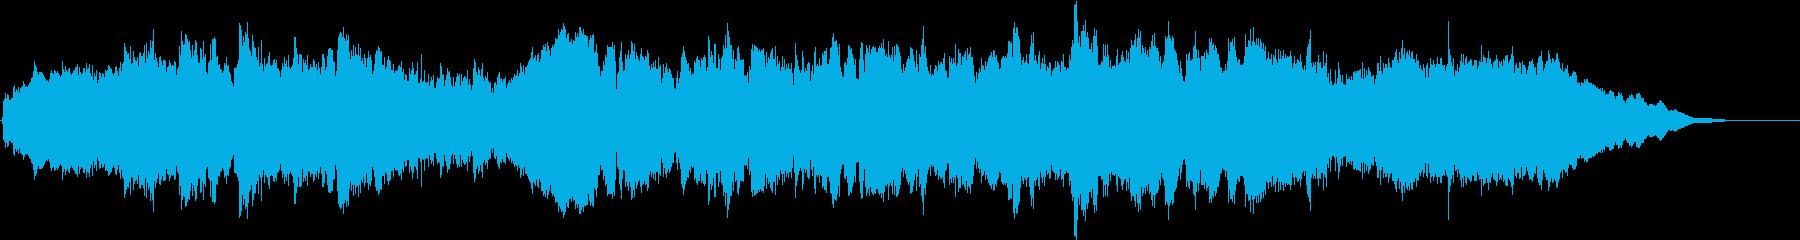 亡き王女のためのパヴァーヌ(冒頭部)の再生済みの波形